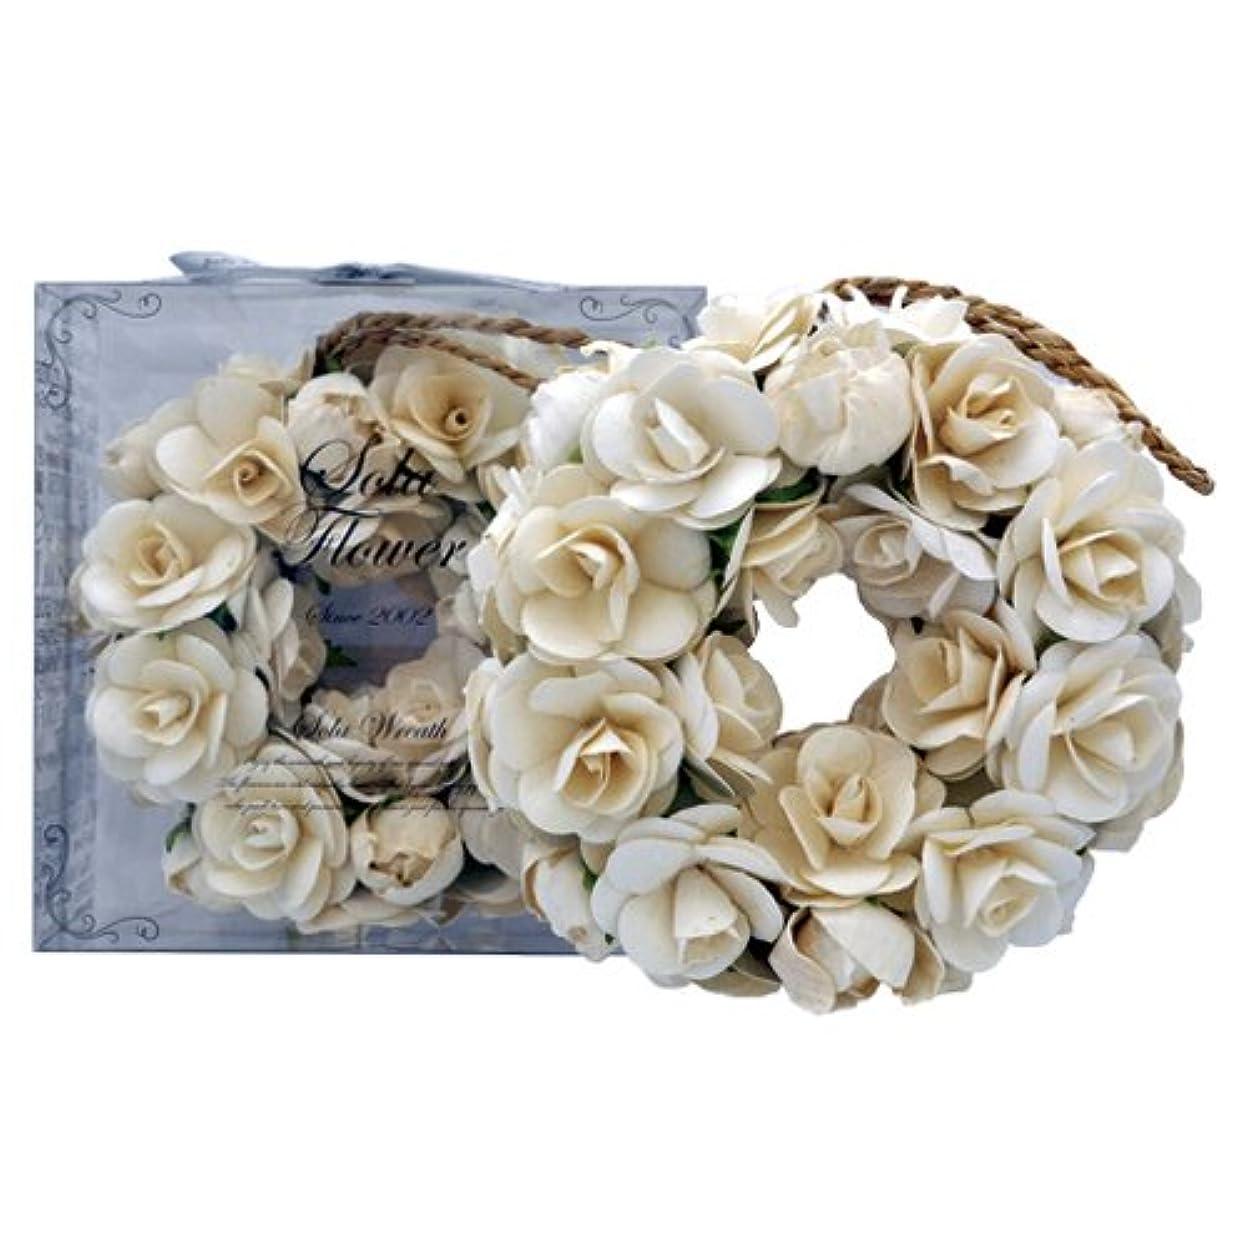 キャプテンブライ枕証明new Sola Flower ソラフラワー リース Elegant Peony エレガントピオニー Wreath